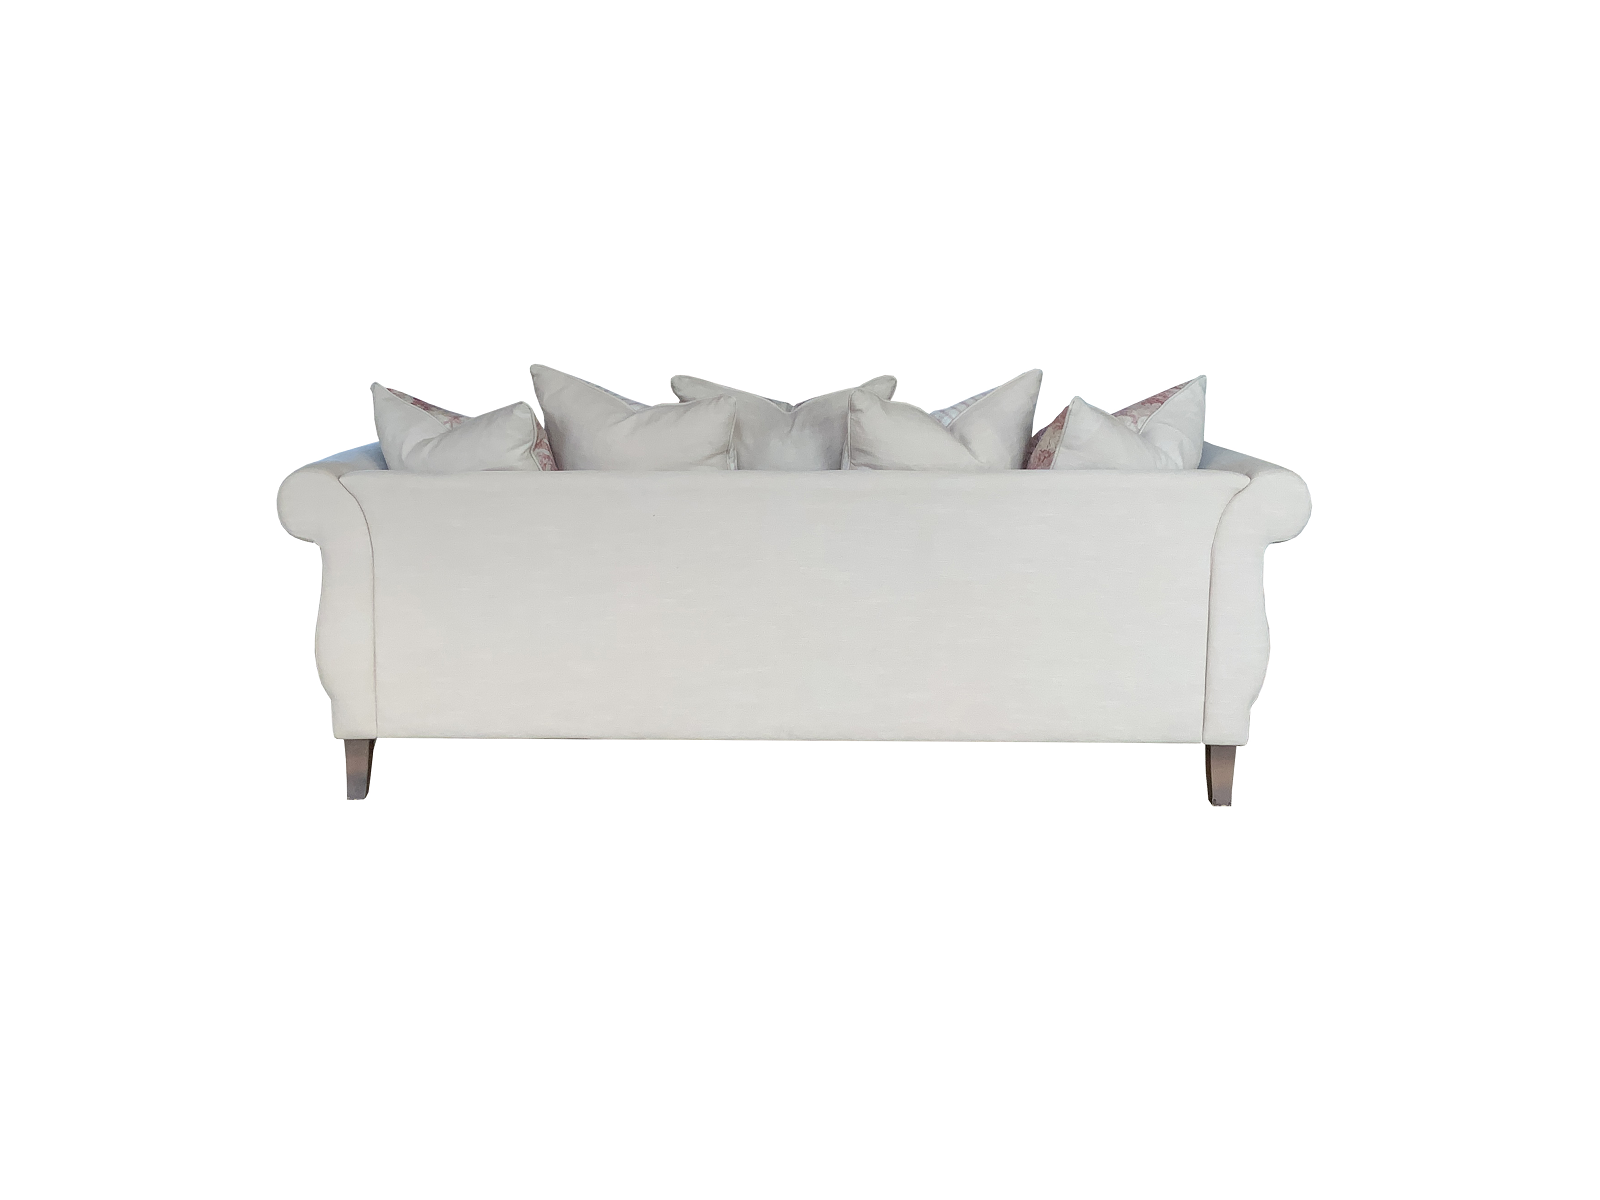 Atherton 4 Seater Sofa